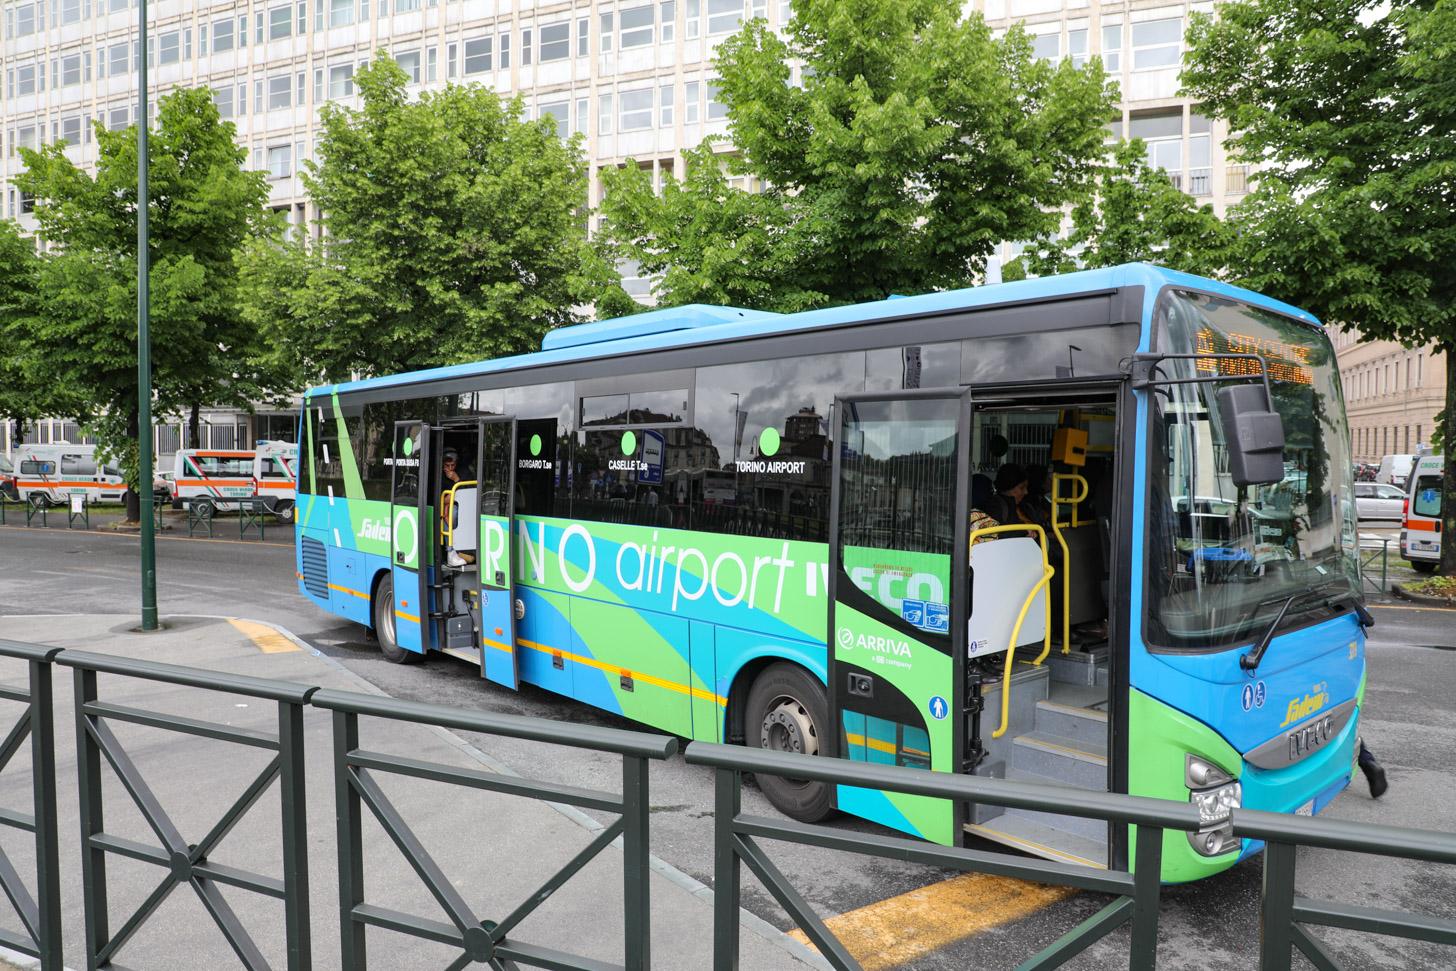 Reizen tussen de luchthaven en de stad met de bus